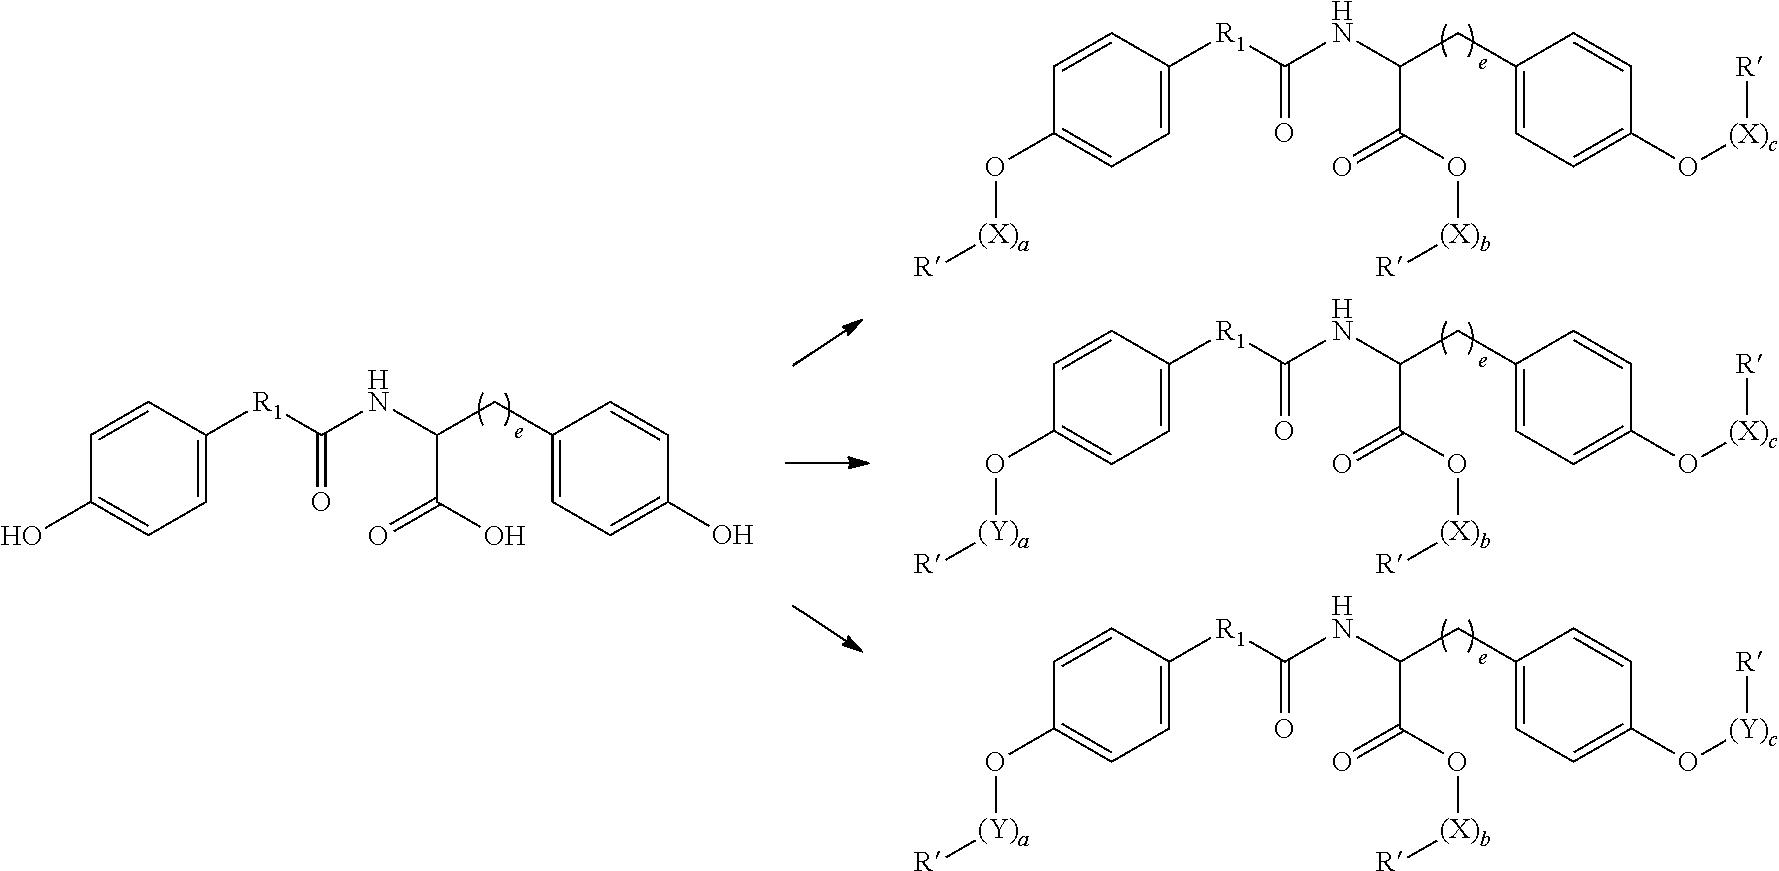 Figure US08436201-20130507-C00005